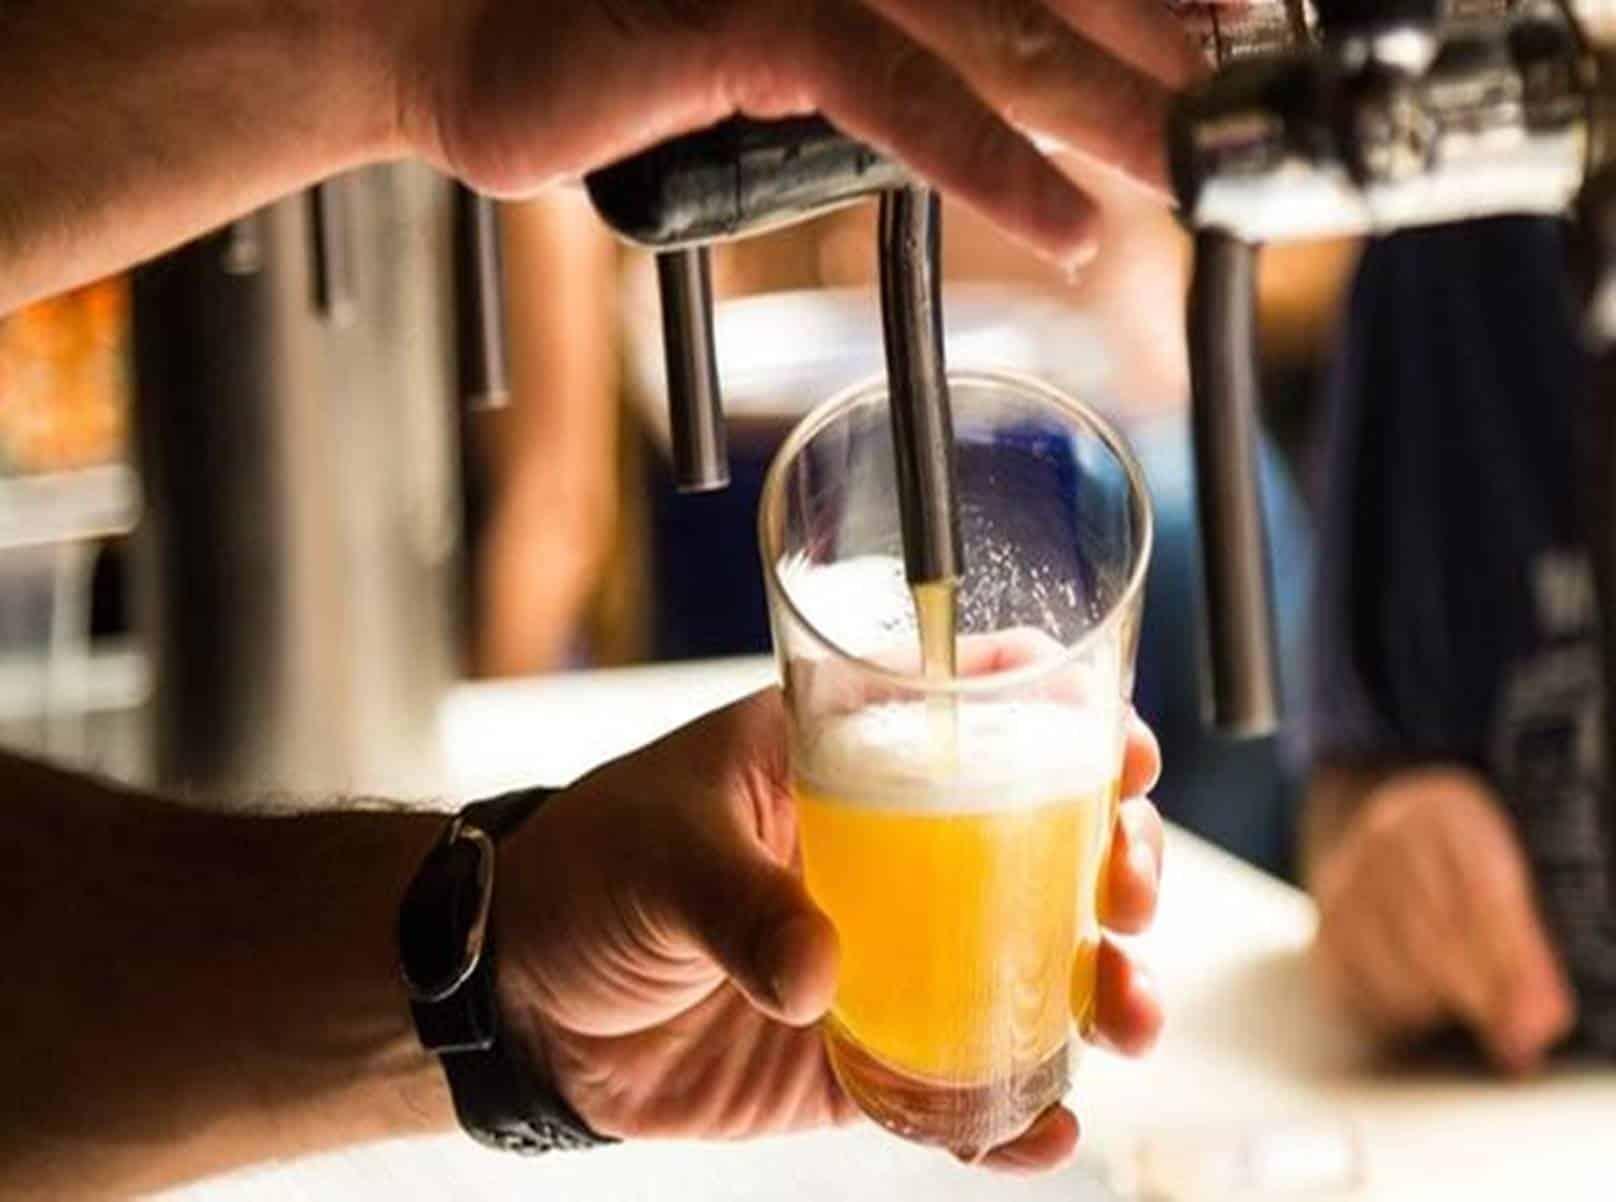 Governo confirma que 11 lotes de cerveja estão contaminados